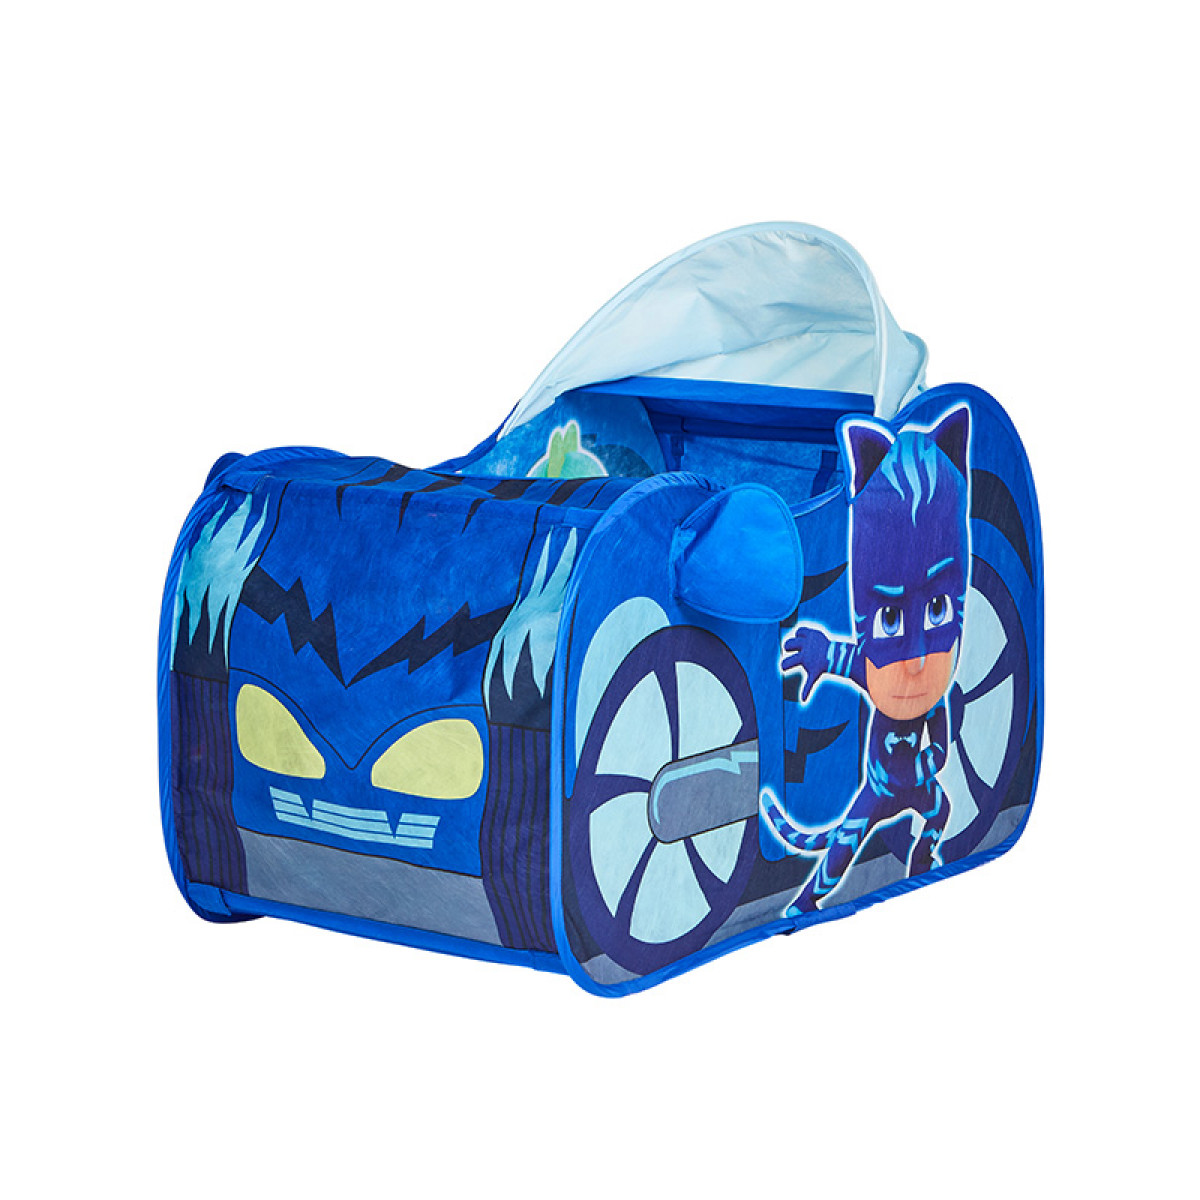 Hut Pj: PJ Masks Cat Car Play Tent